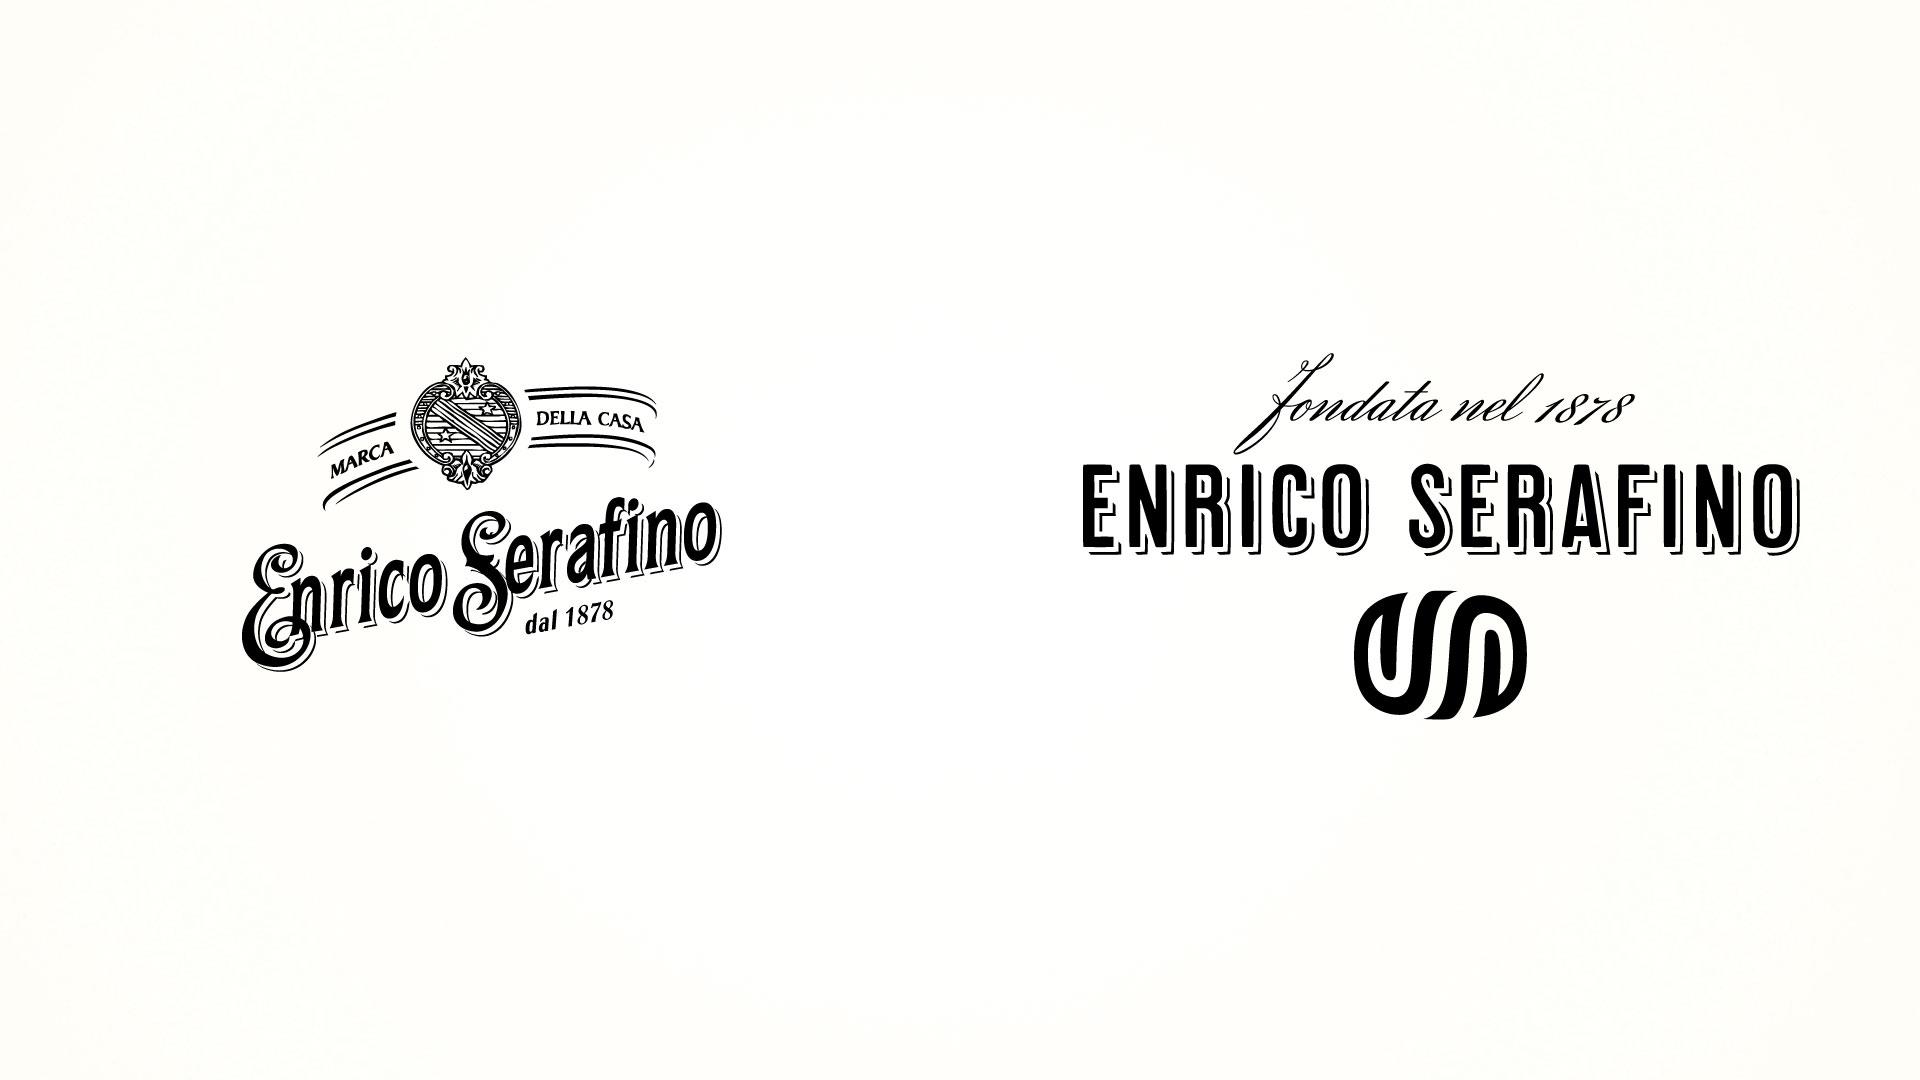 Enrico Serafino brand restyling